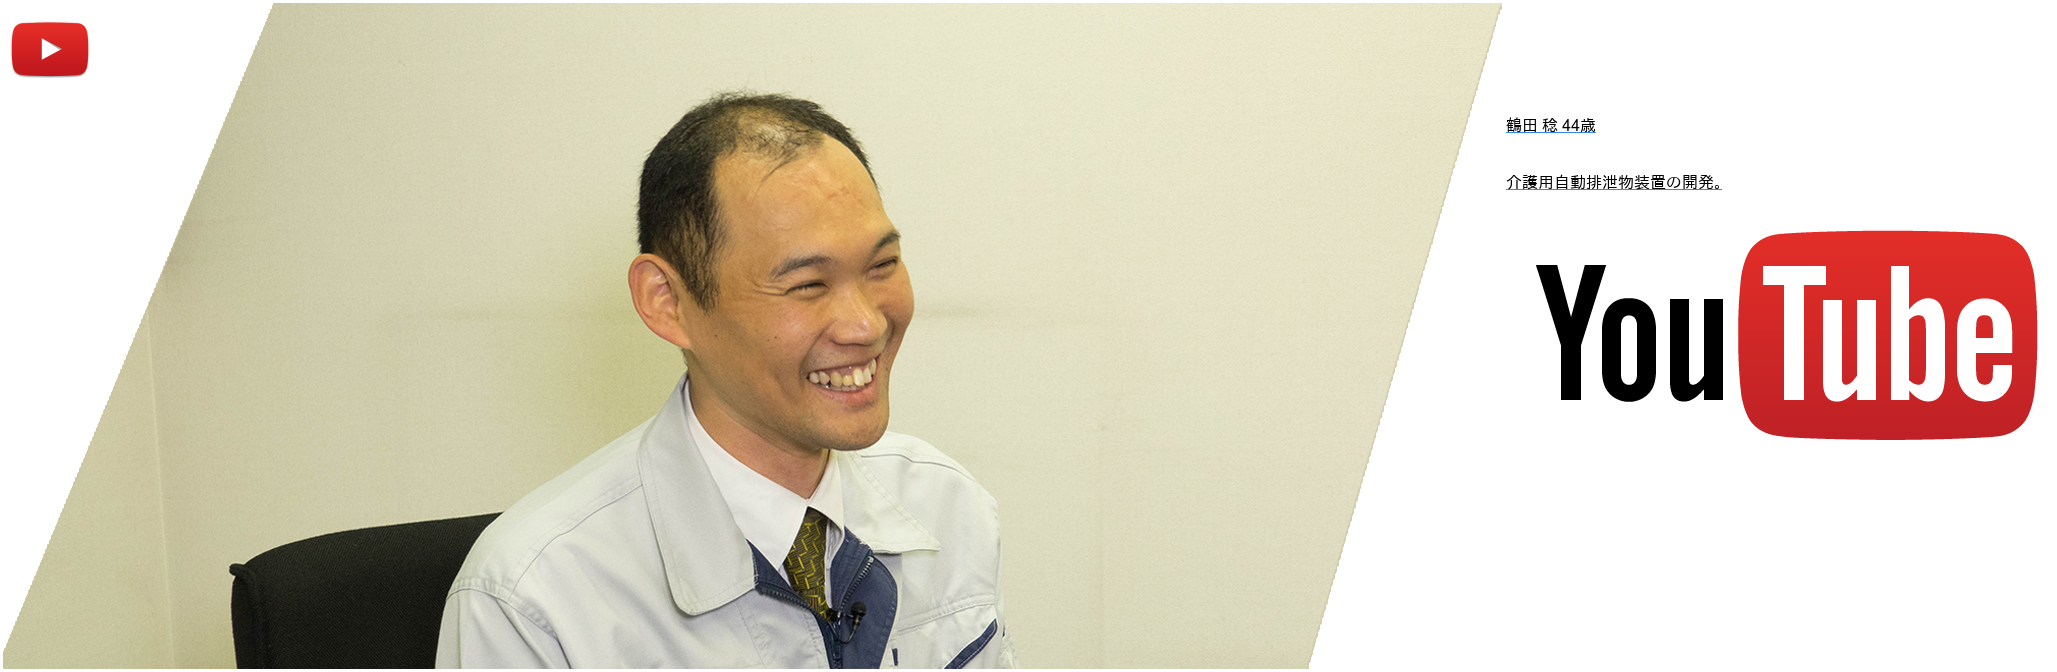 鶴田 稔 44歳    介護用自動排泄物装置の開発。